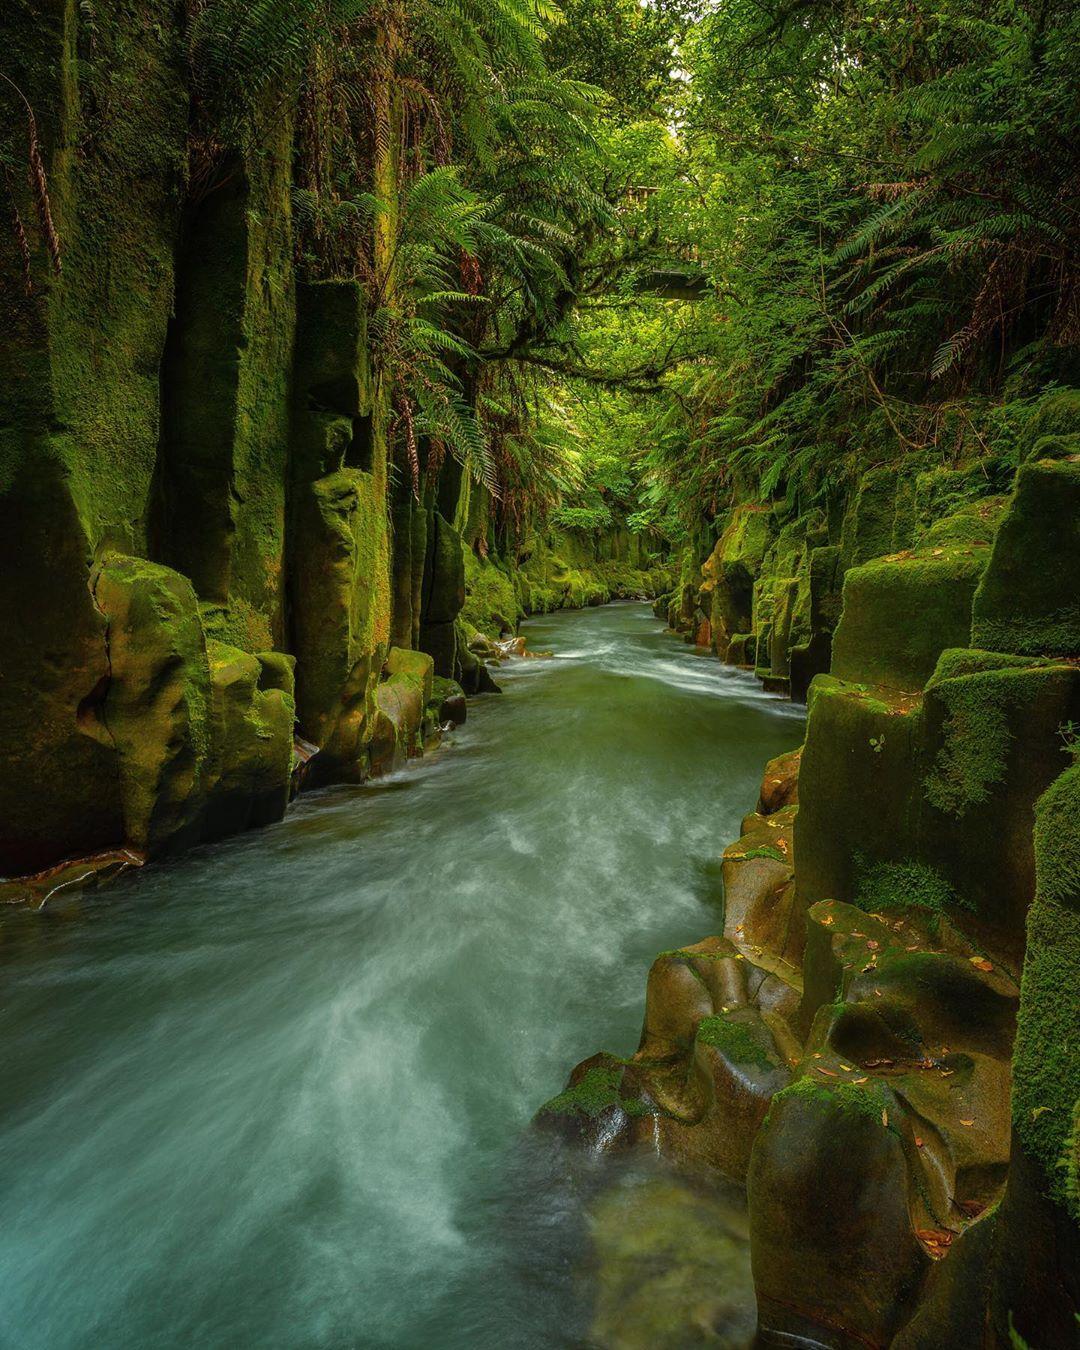 Красивые пейзажные снимки от Лори Винтер (ФОТО)